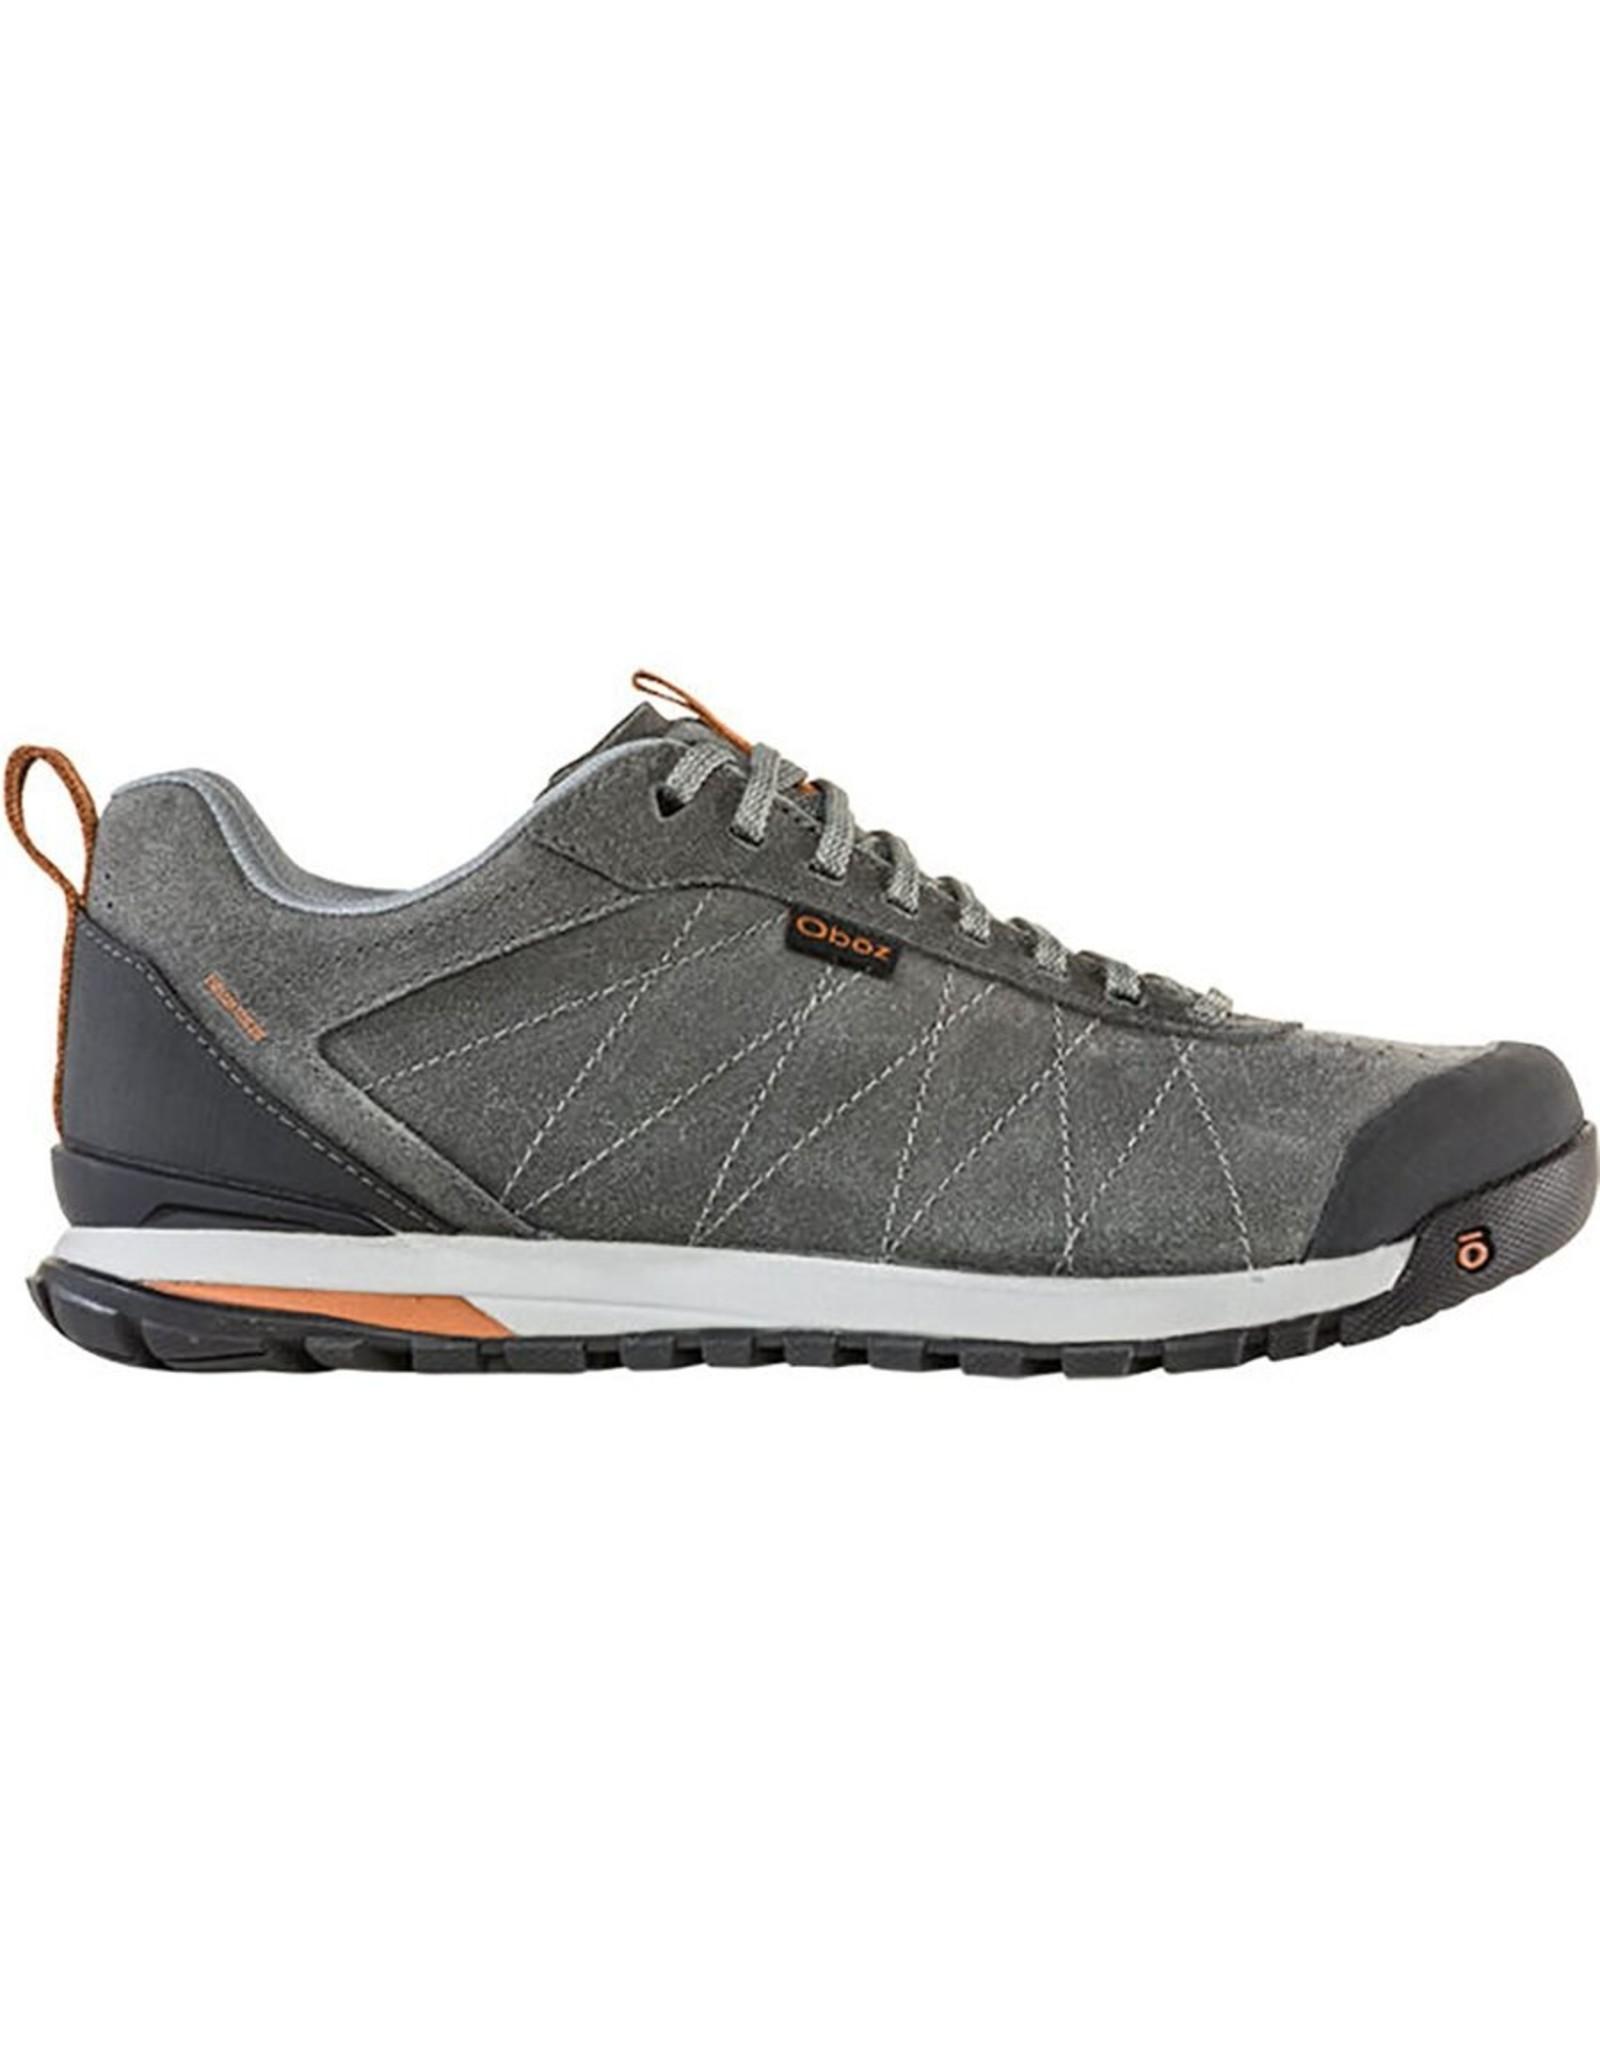 Oboz Bozeman Low Leather Shoe